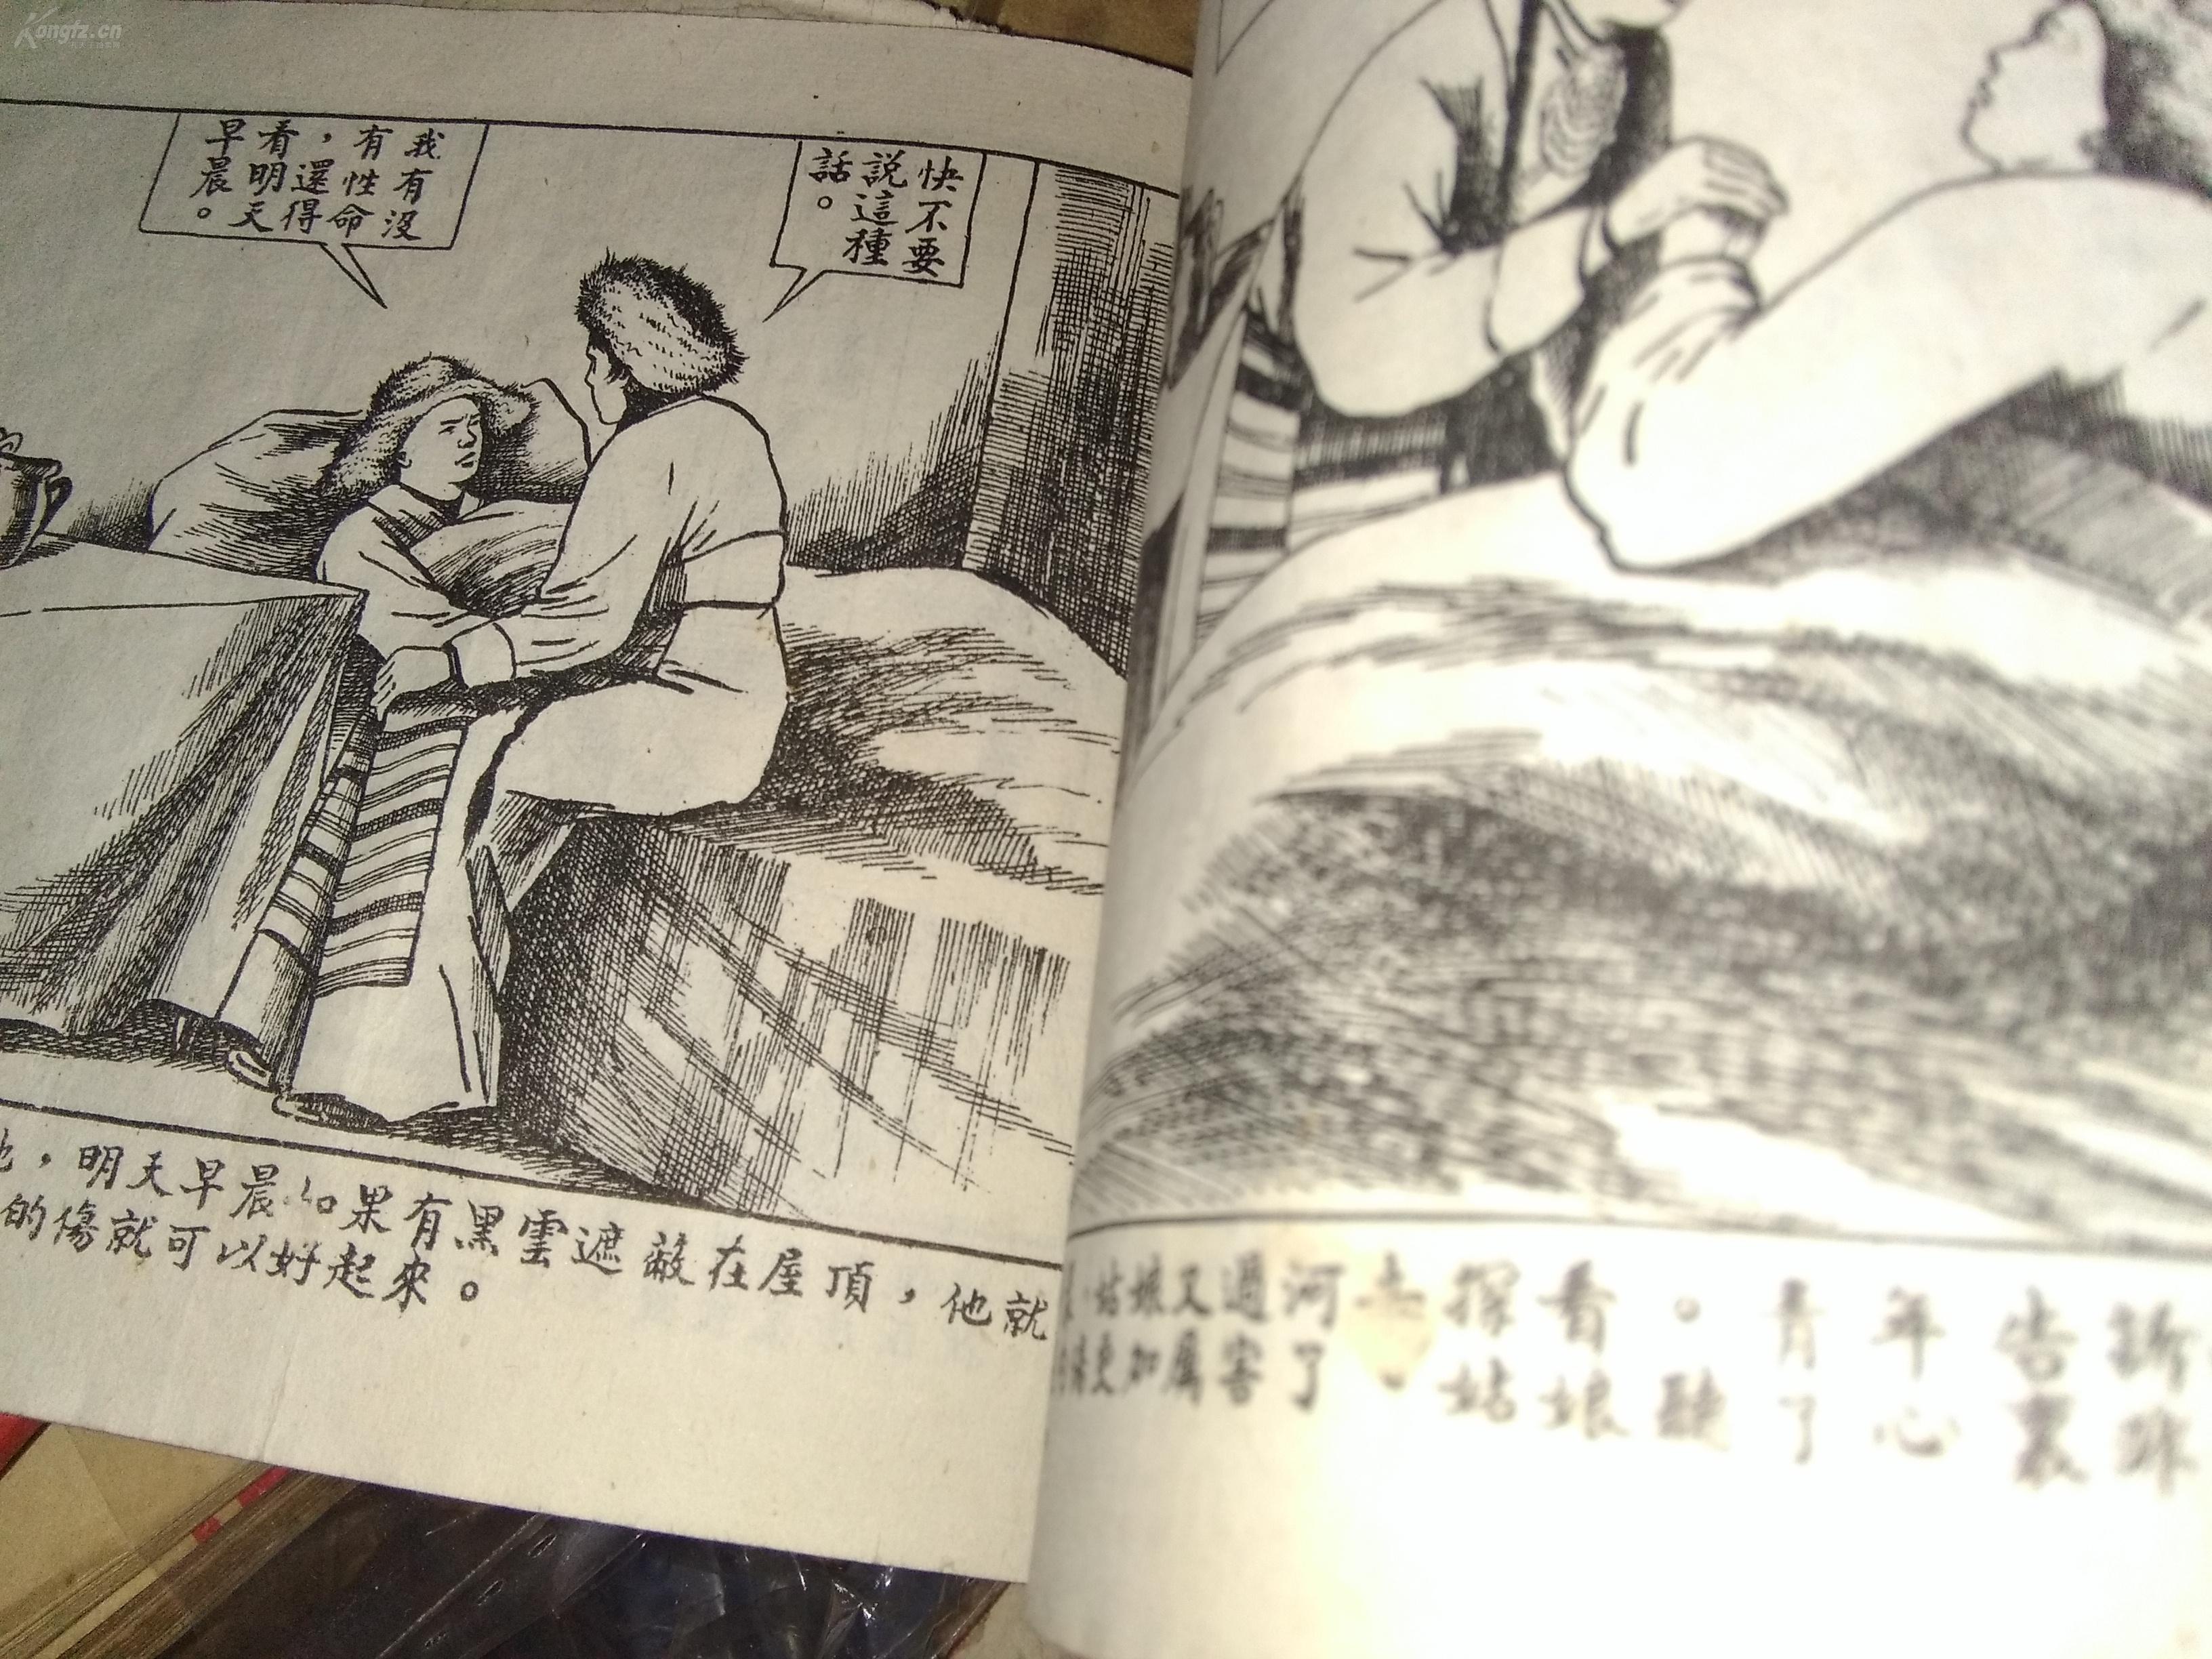 五十年代从左向右翻页的老版本藏族爱情故事 茶和盐的故事 少数民族爱情民间故事大缺本连环画,繁体绘画精美五十开本,存第5页至第82页,仅缺前四页,自制封面及封底